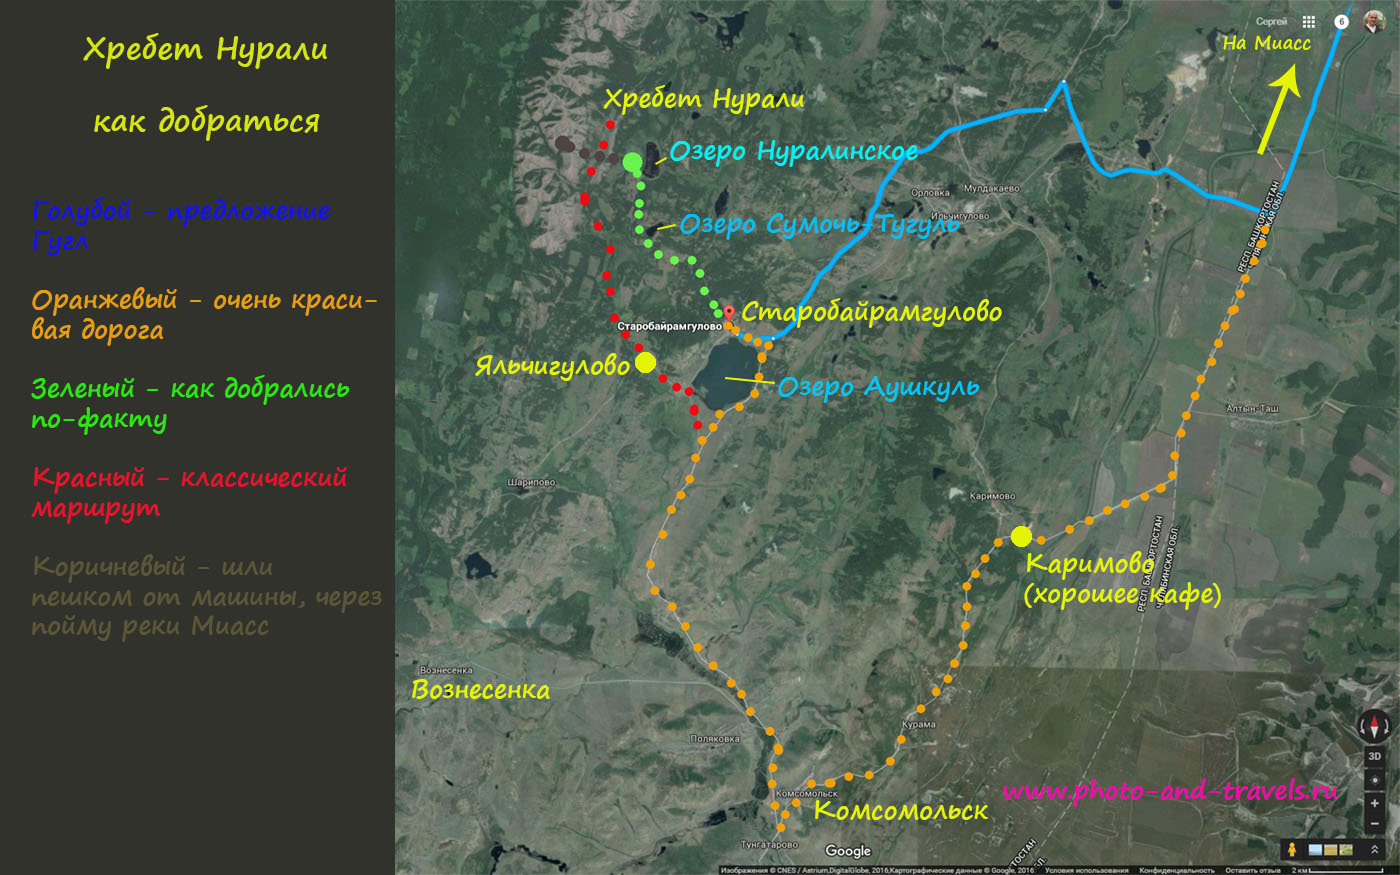 Рисунок 1. Карта со схемой, поясняющей как доехать на машине до Старобайрамгулово, озера Аушкуль, горы Ауштау и до хребта Нурали.